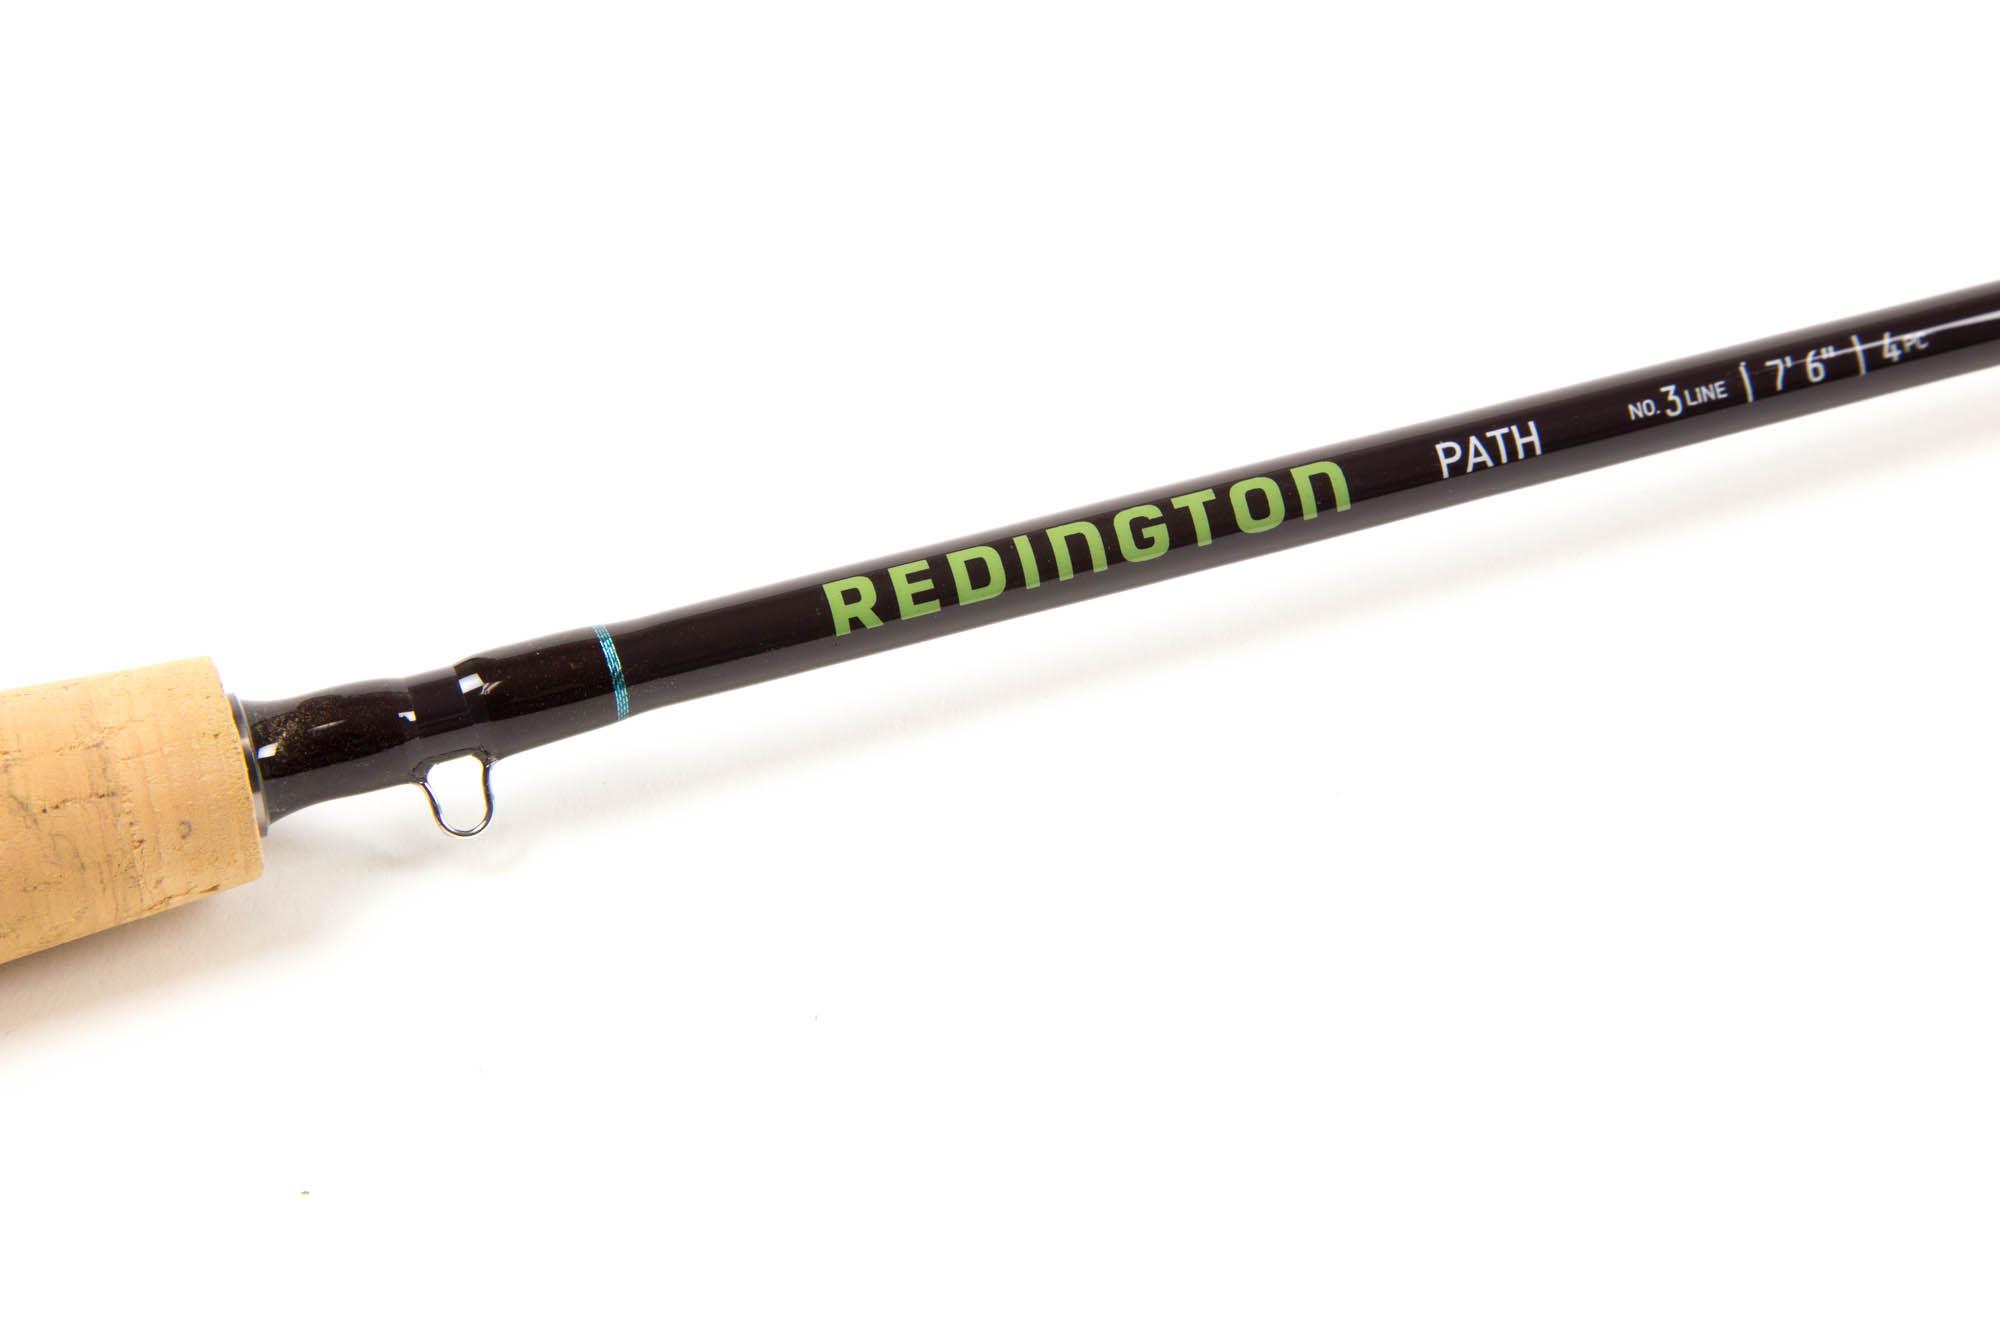 Redington Path Fly Rod 20